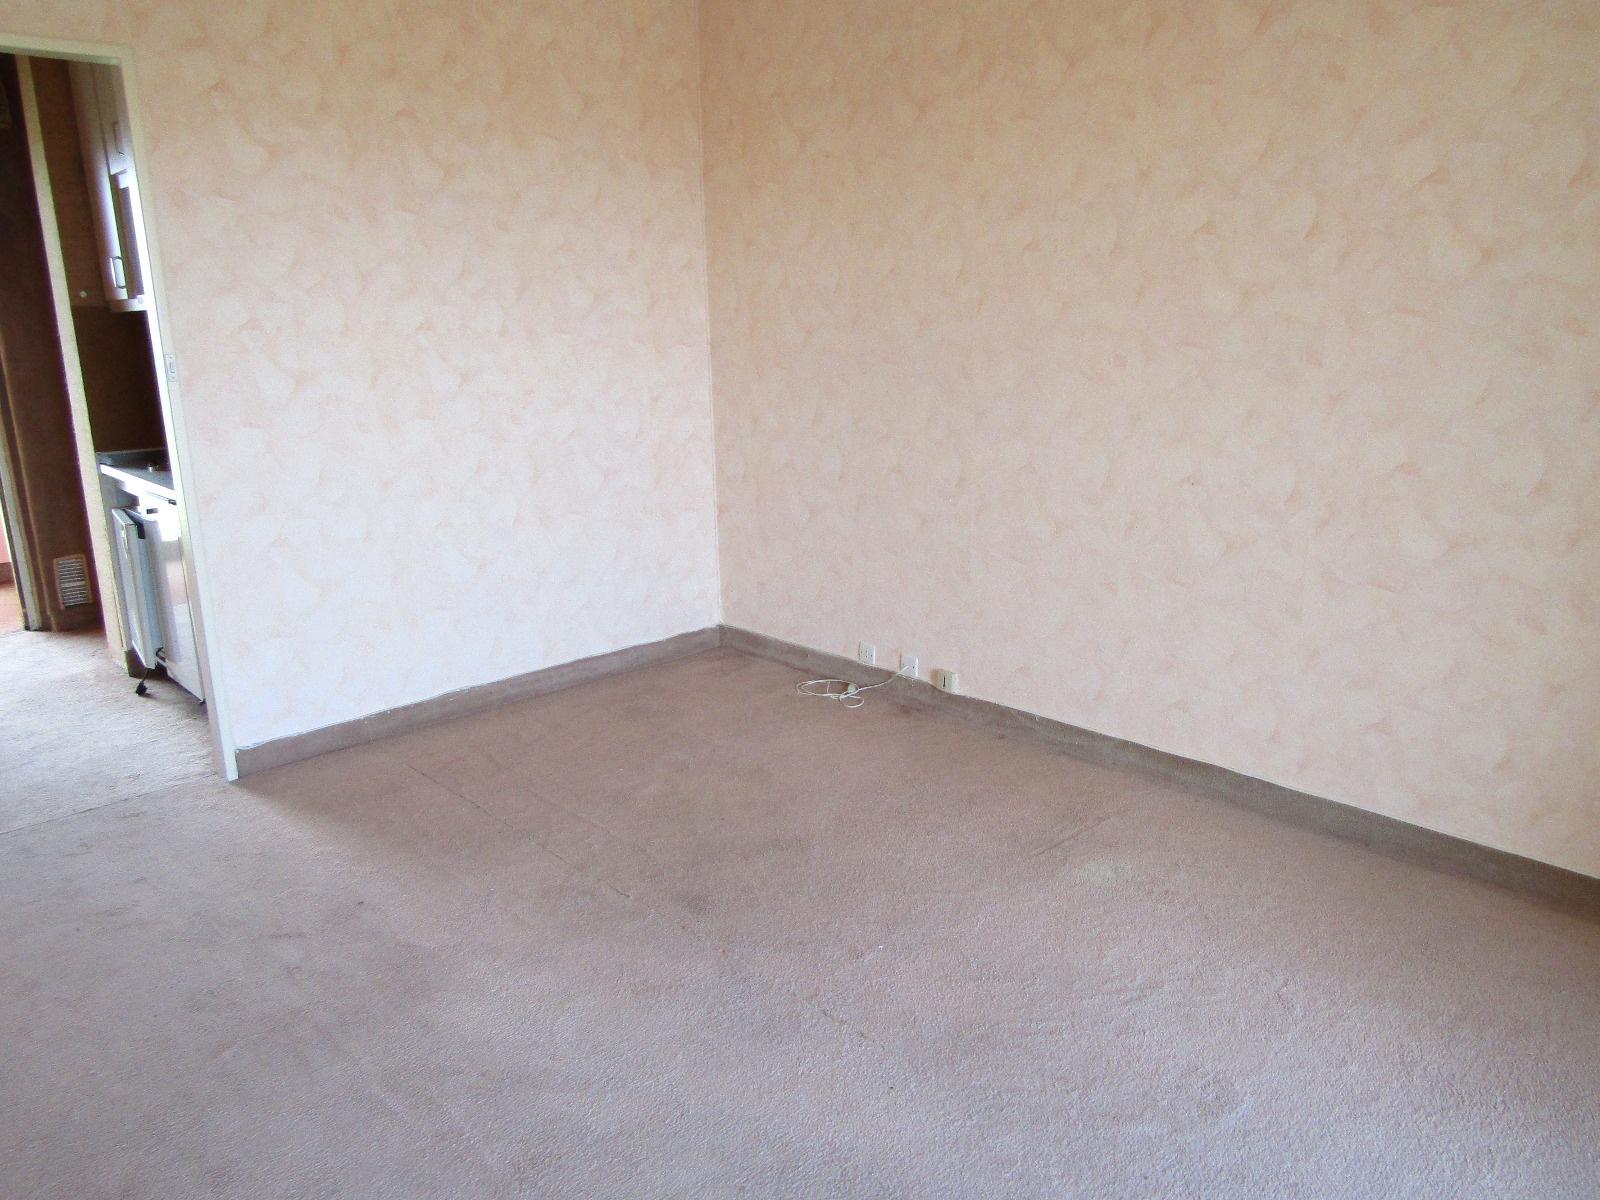 Acheter studio montrichard 41400 9294571 for Studio a acheter